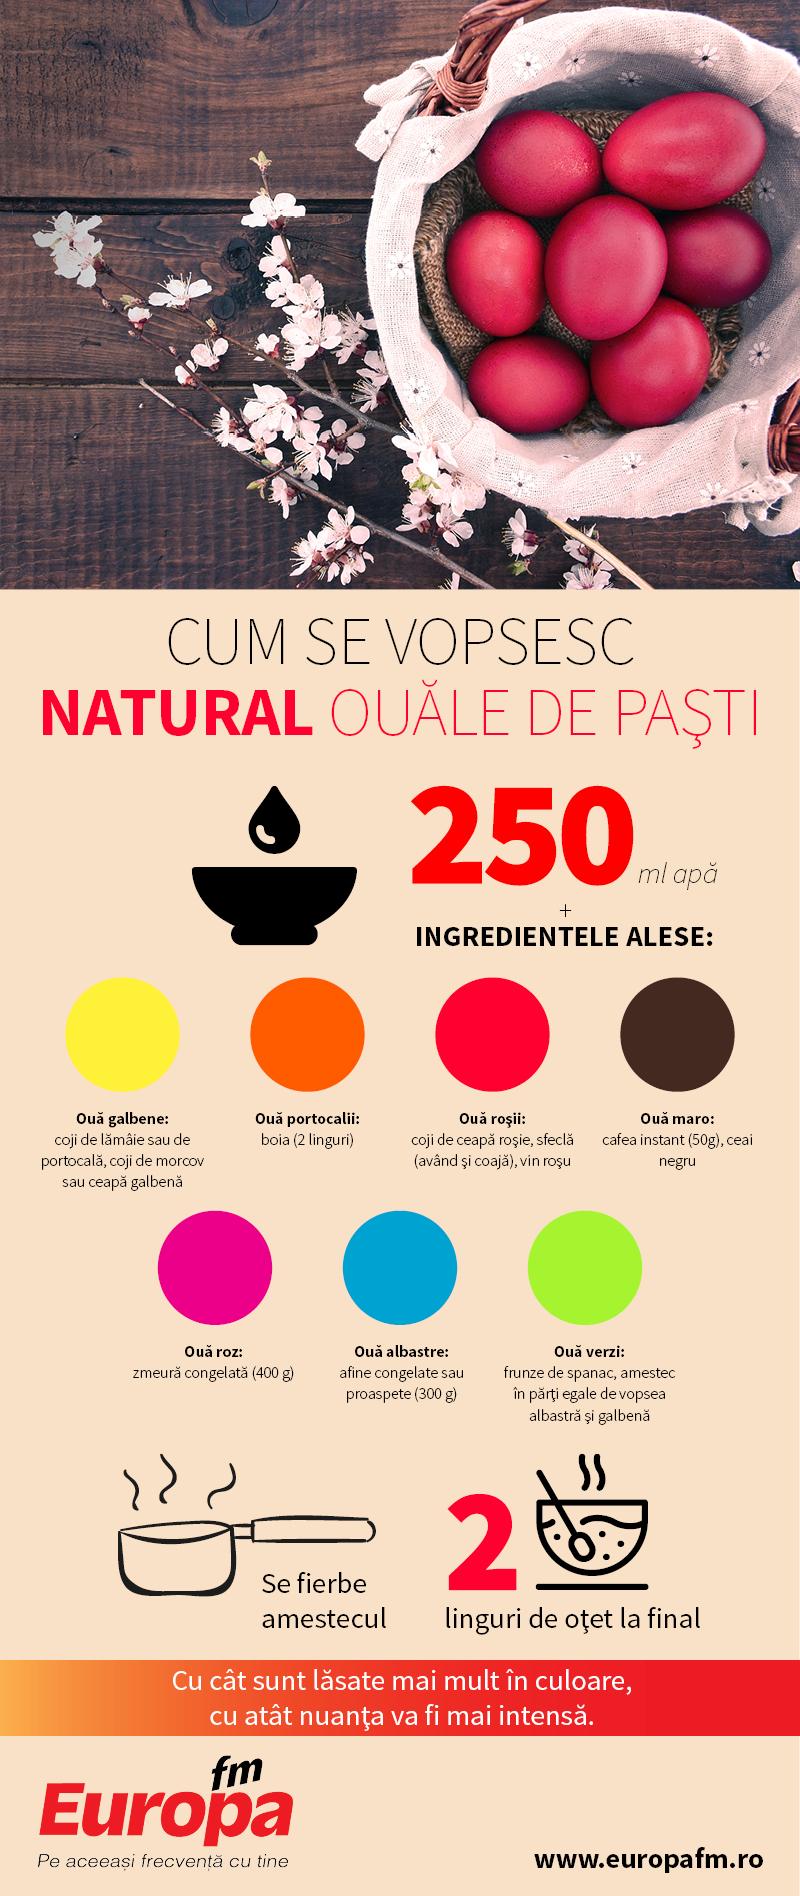 Cum se vopsesc natural ouale de Pasti